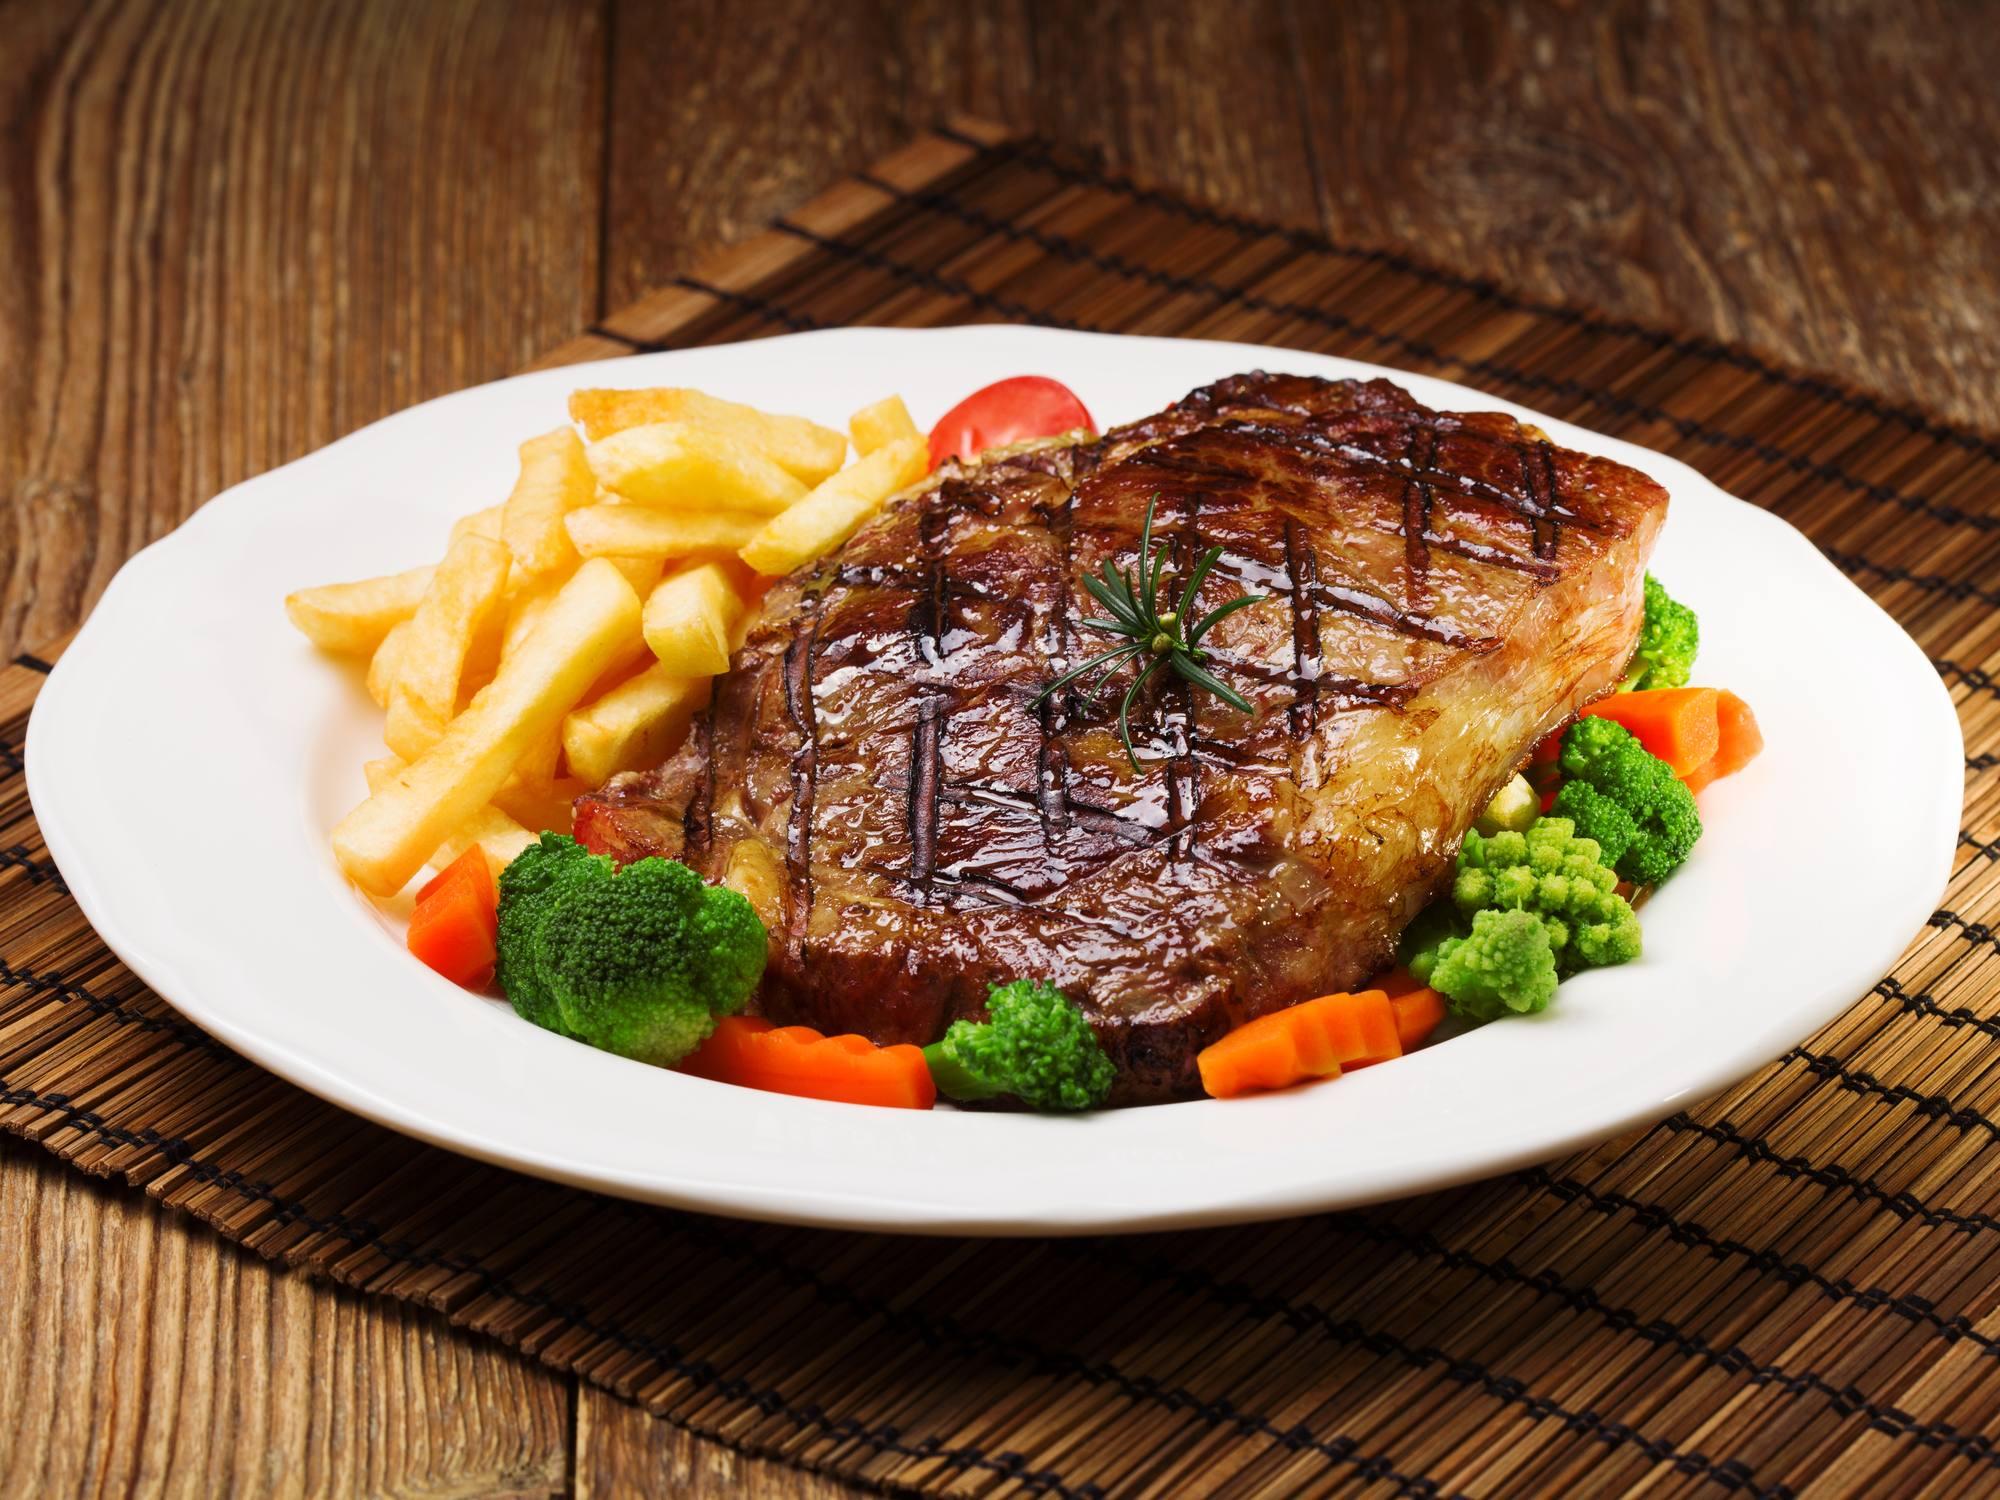 အနောက်တိုင်းစတိုင် အမဲသား Steak လေးလုပ်စားကြမယ်